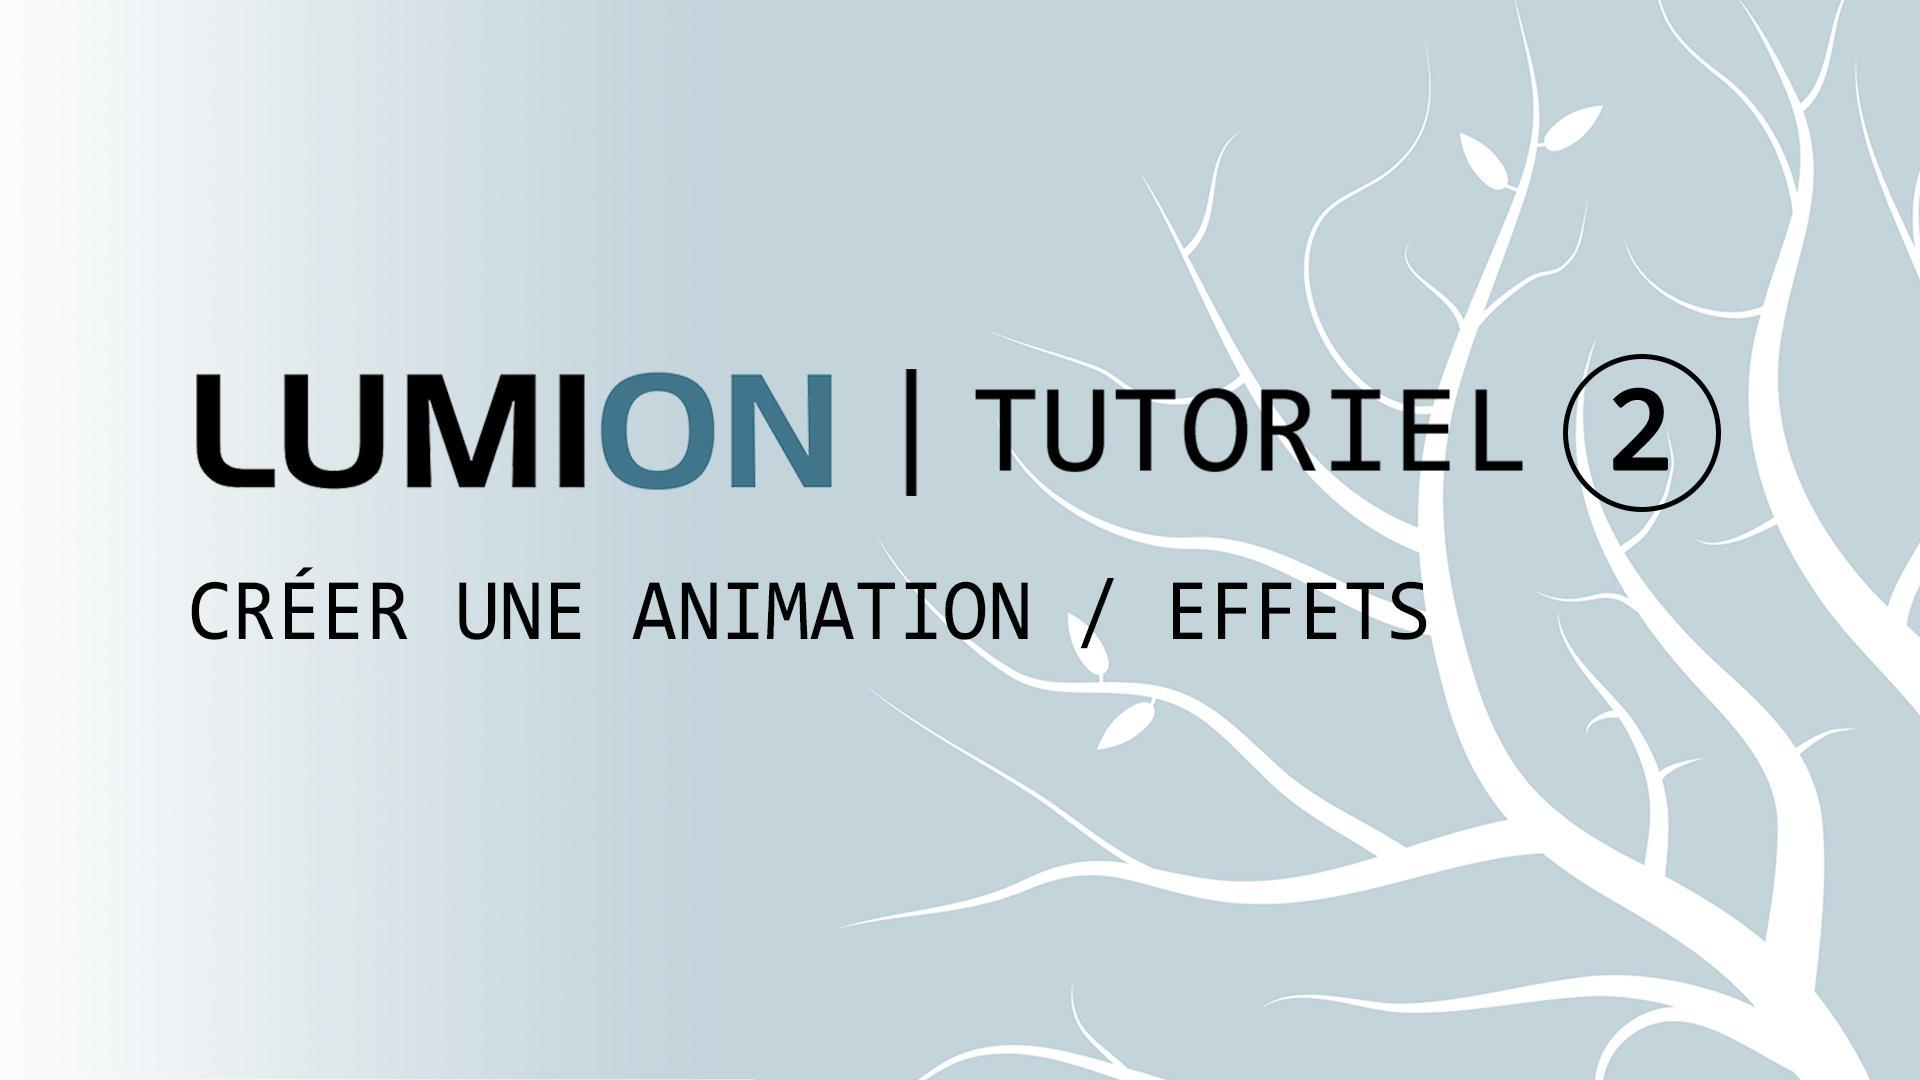 Tutoriel 2: Créer une animation / Effets